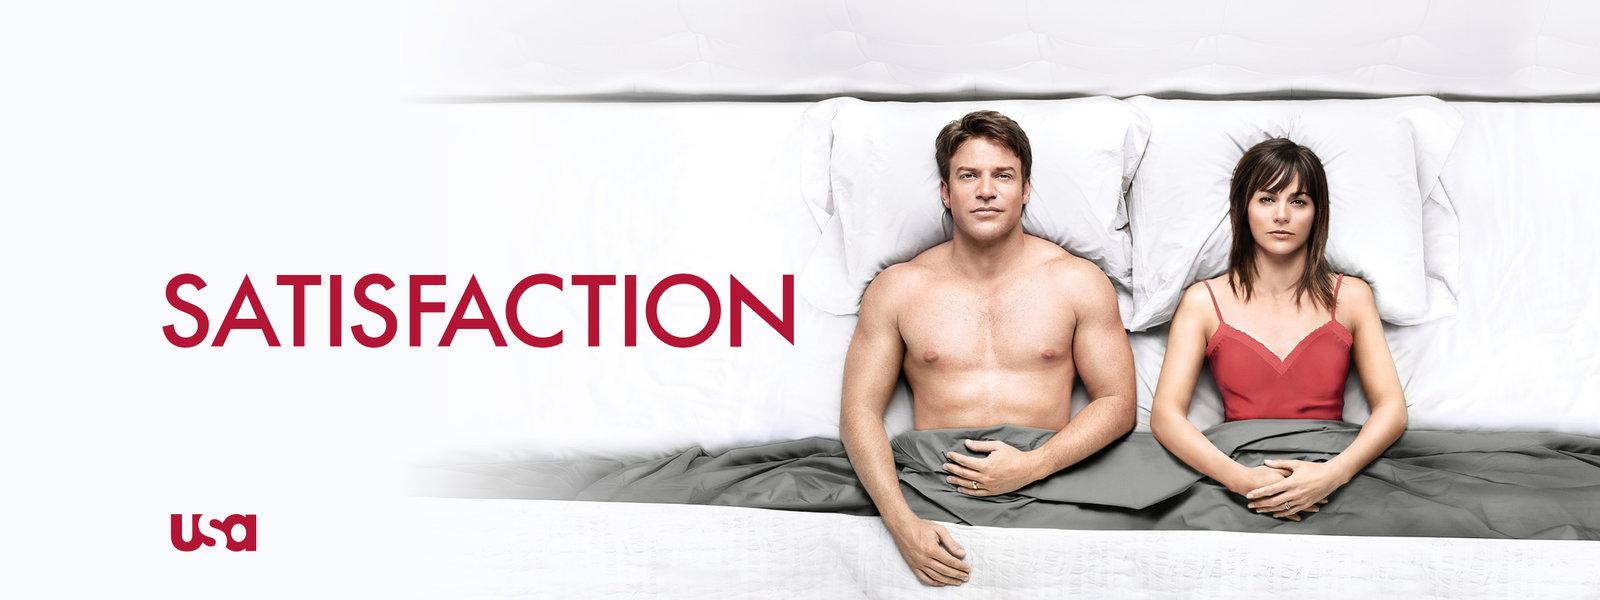 Satisfaction Tv Show Scenes